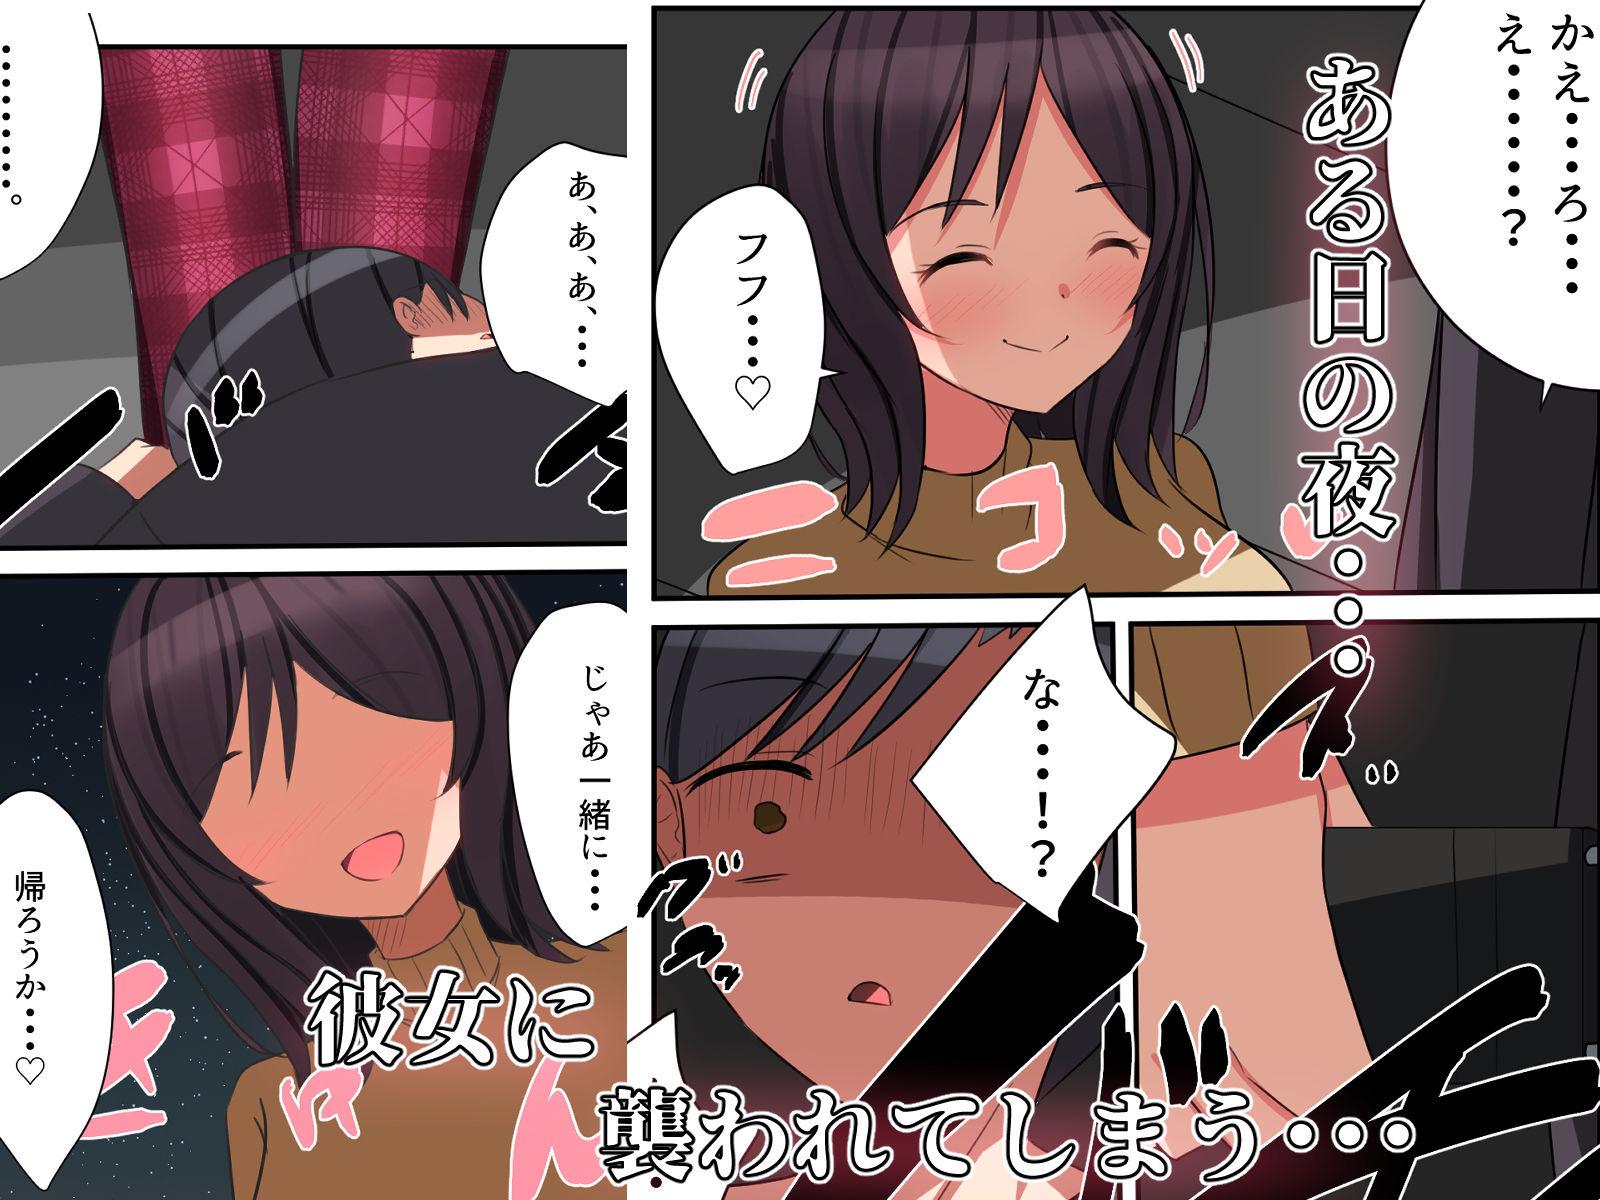 サンプル画像4:監禁少女〜監禁が趣味な女の子に襲われ無理やり全てを絞り取られる話〜(Nanaci) [d_196042]